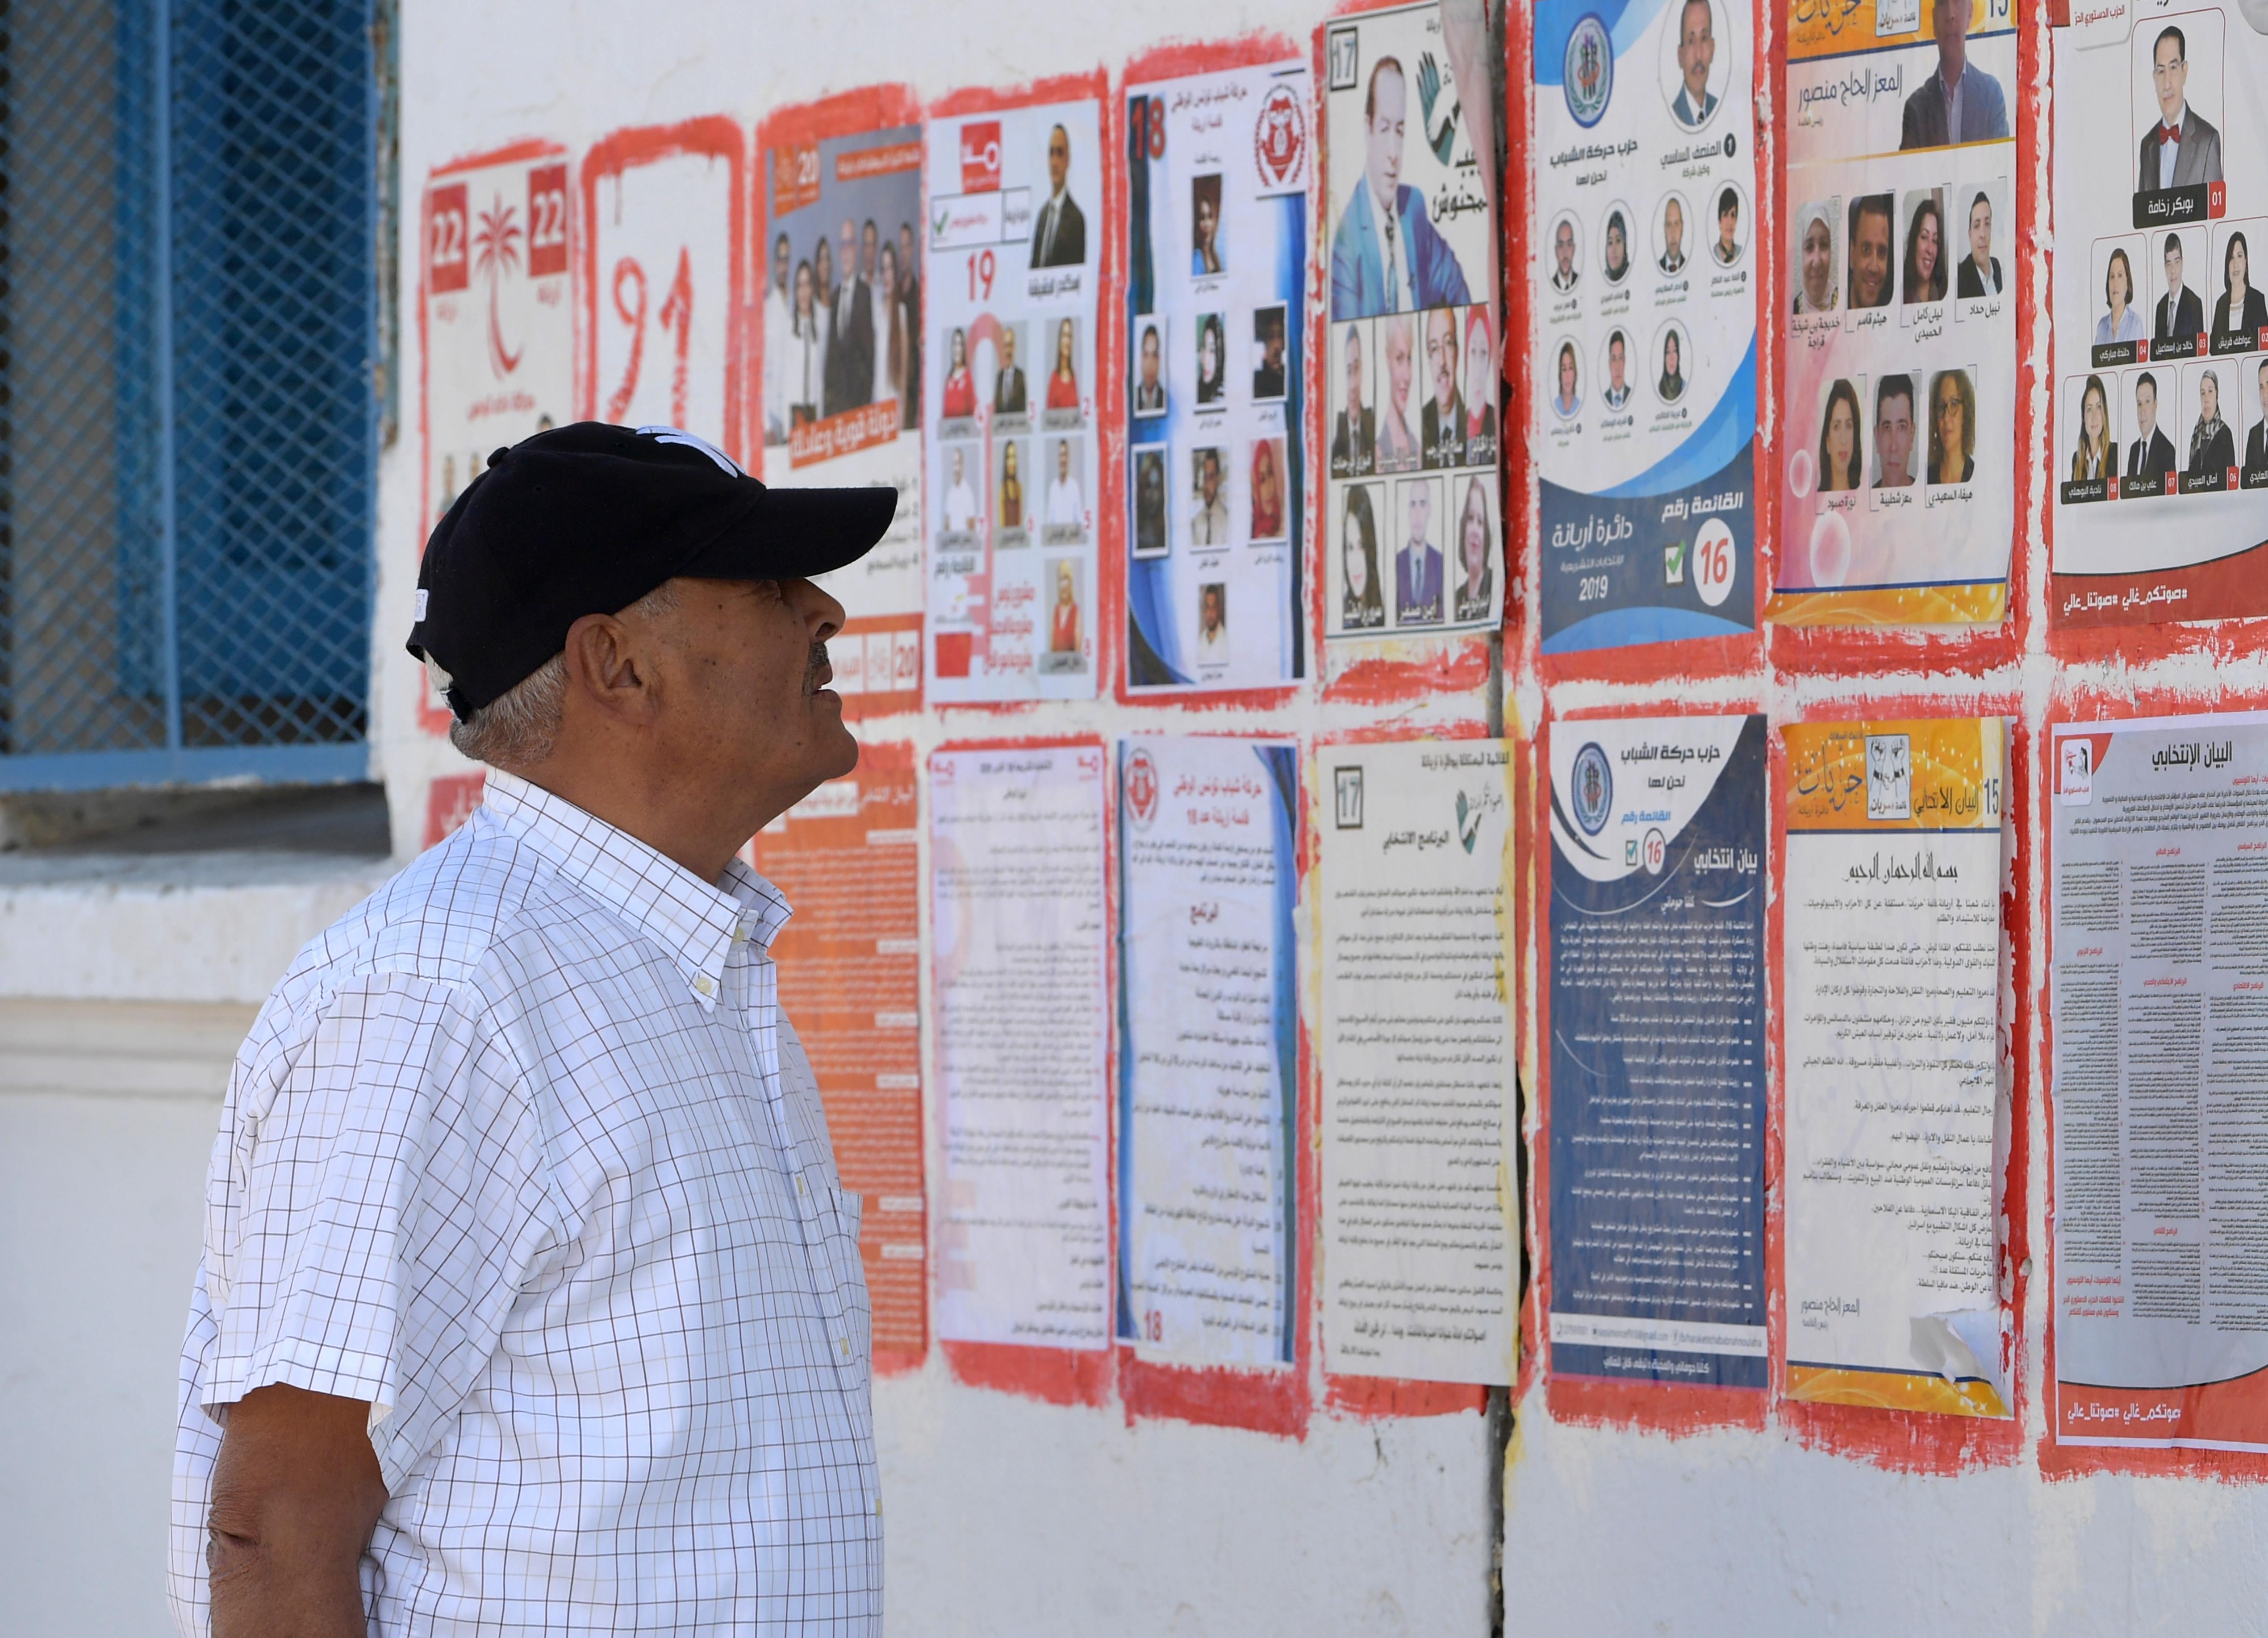 تونسي يتفحص دعايات ووعود المرشحين للانتخابات التشريعية